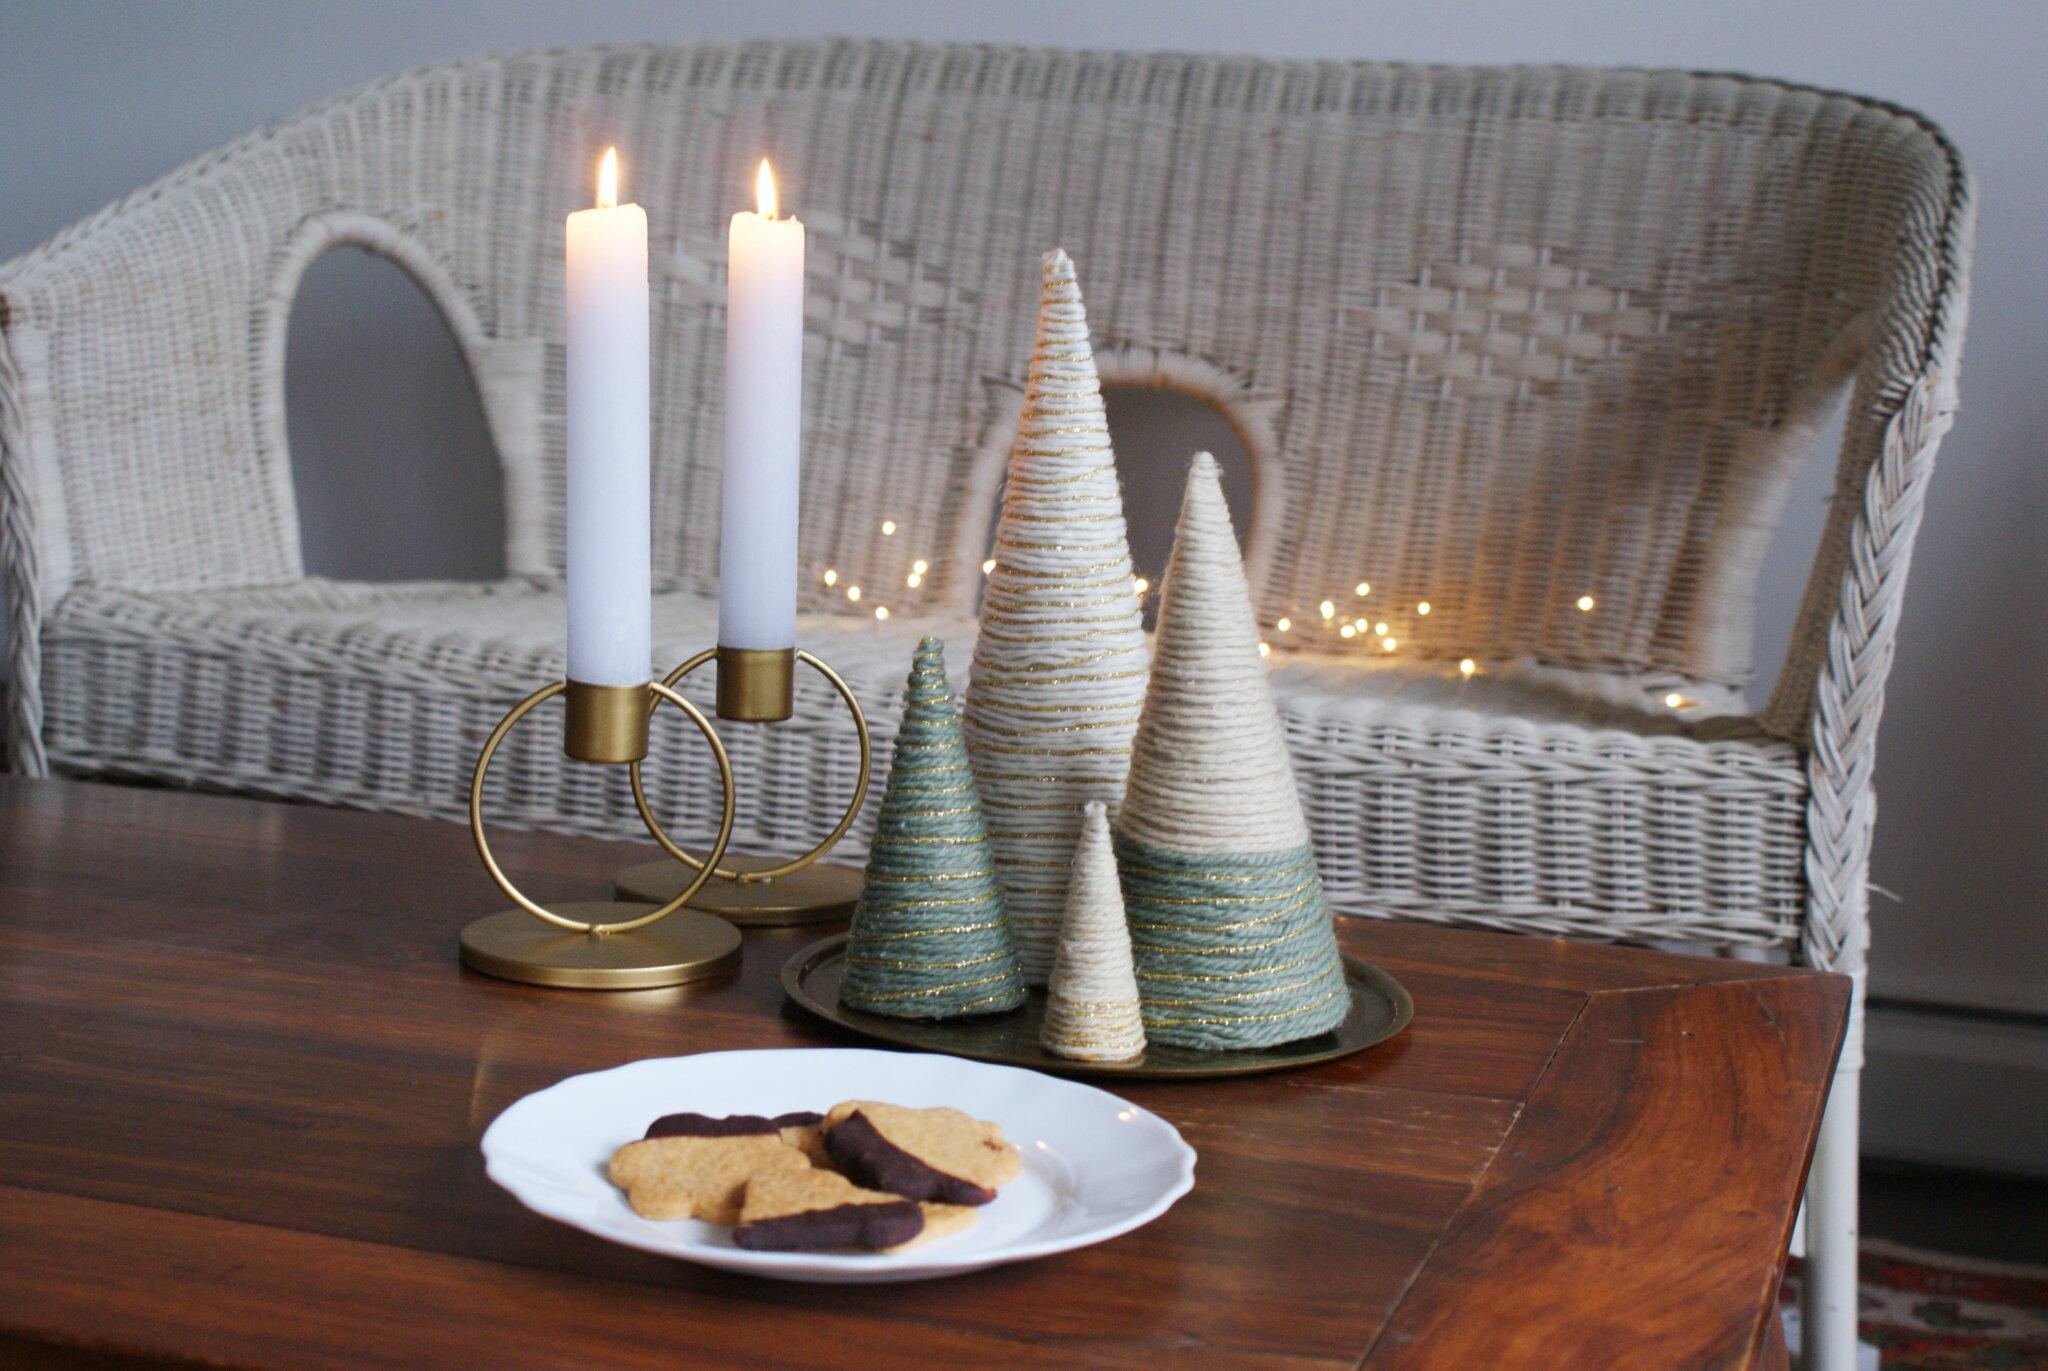 alberelli albero natale fai da te lana cotone filo spago minimalista scandinavia decorazione casa facile veloce idea handmade